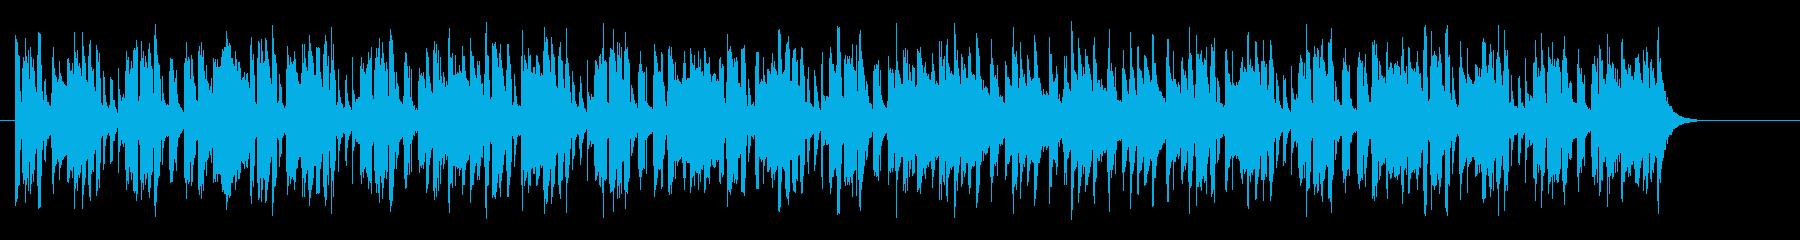 南国カリブのほのぼのミュージックの再生済みの波形